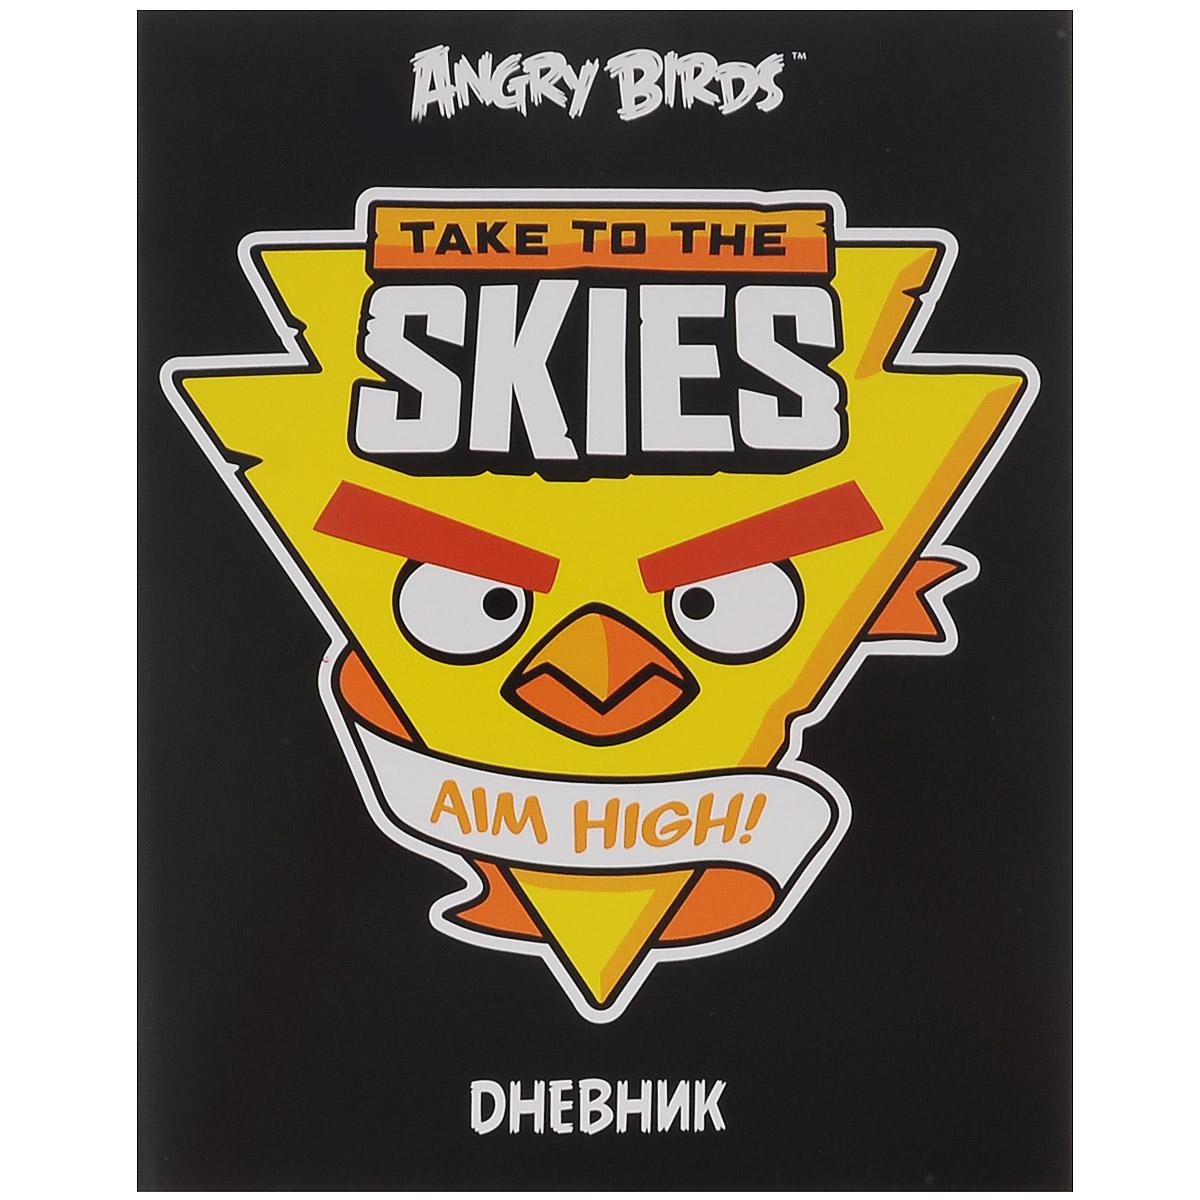 Дневник школьный Hatber Angry Birds, цвет: черный, желтый. 40Д5B_1173640Д5B_11736Школьный дневник Hatber Angry Birds - первый ежедневник вашего ребенка. Он поможет ему не забыть свои задания, а вы всегда сможете проконтролировать его успеваемость. Дневник предназначен для учеников 1-11 классов.Внутренний блок дневника состоит из 40 листов бумаги с изображением забавных птичек из игры Angry Birds на каждой страничке и прошит металлическими скрепками. Обложка выполнена из мелованного картона. В структуру дневника входят все необходимые разделы: информация о личных данных ученика, школе и педагогах, друзьях и одноклассниках, расписание занятий и факультативов по четвертям. Дневник содержит номера телефонов экстренной помощи и даты государственных праздников. В конце дневника имеются сведения об успеваемости. Дневник Hatber Angry Birds станет надежным помощником в освоении новых знаний и принесет радость своему хозяину, украшая учебные будни. Рекомендуемый возраст: от 6 лет.